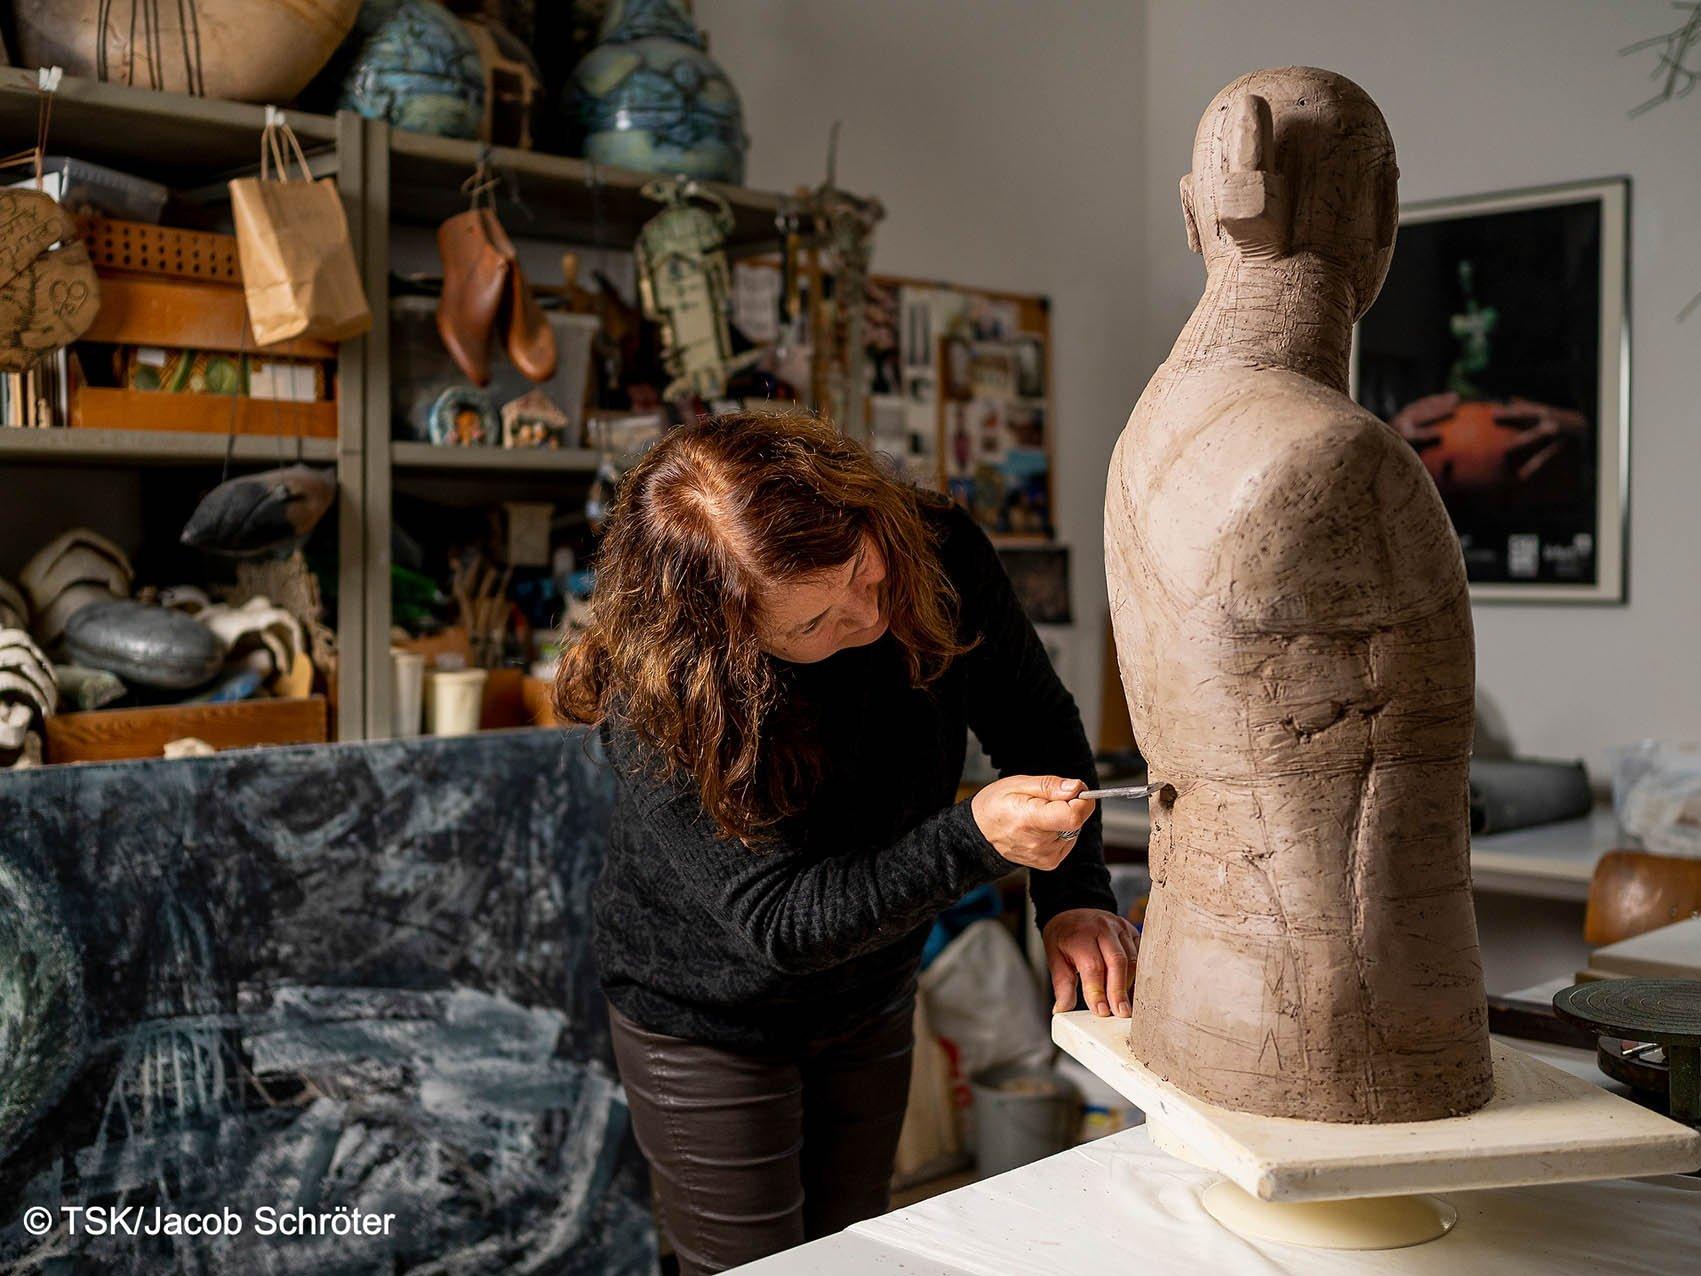 Die Künstlerin Marion Walther arbeitet an einer neuen Keramik